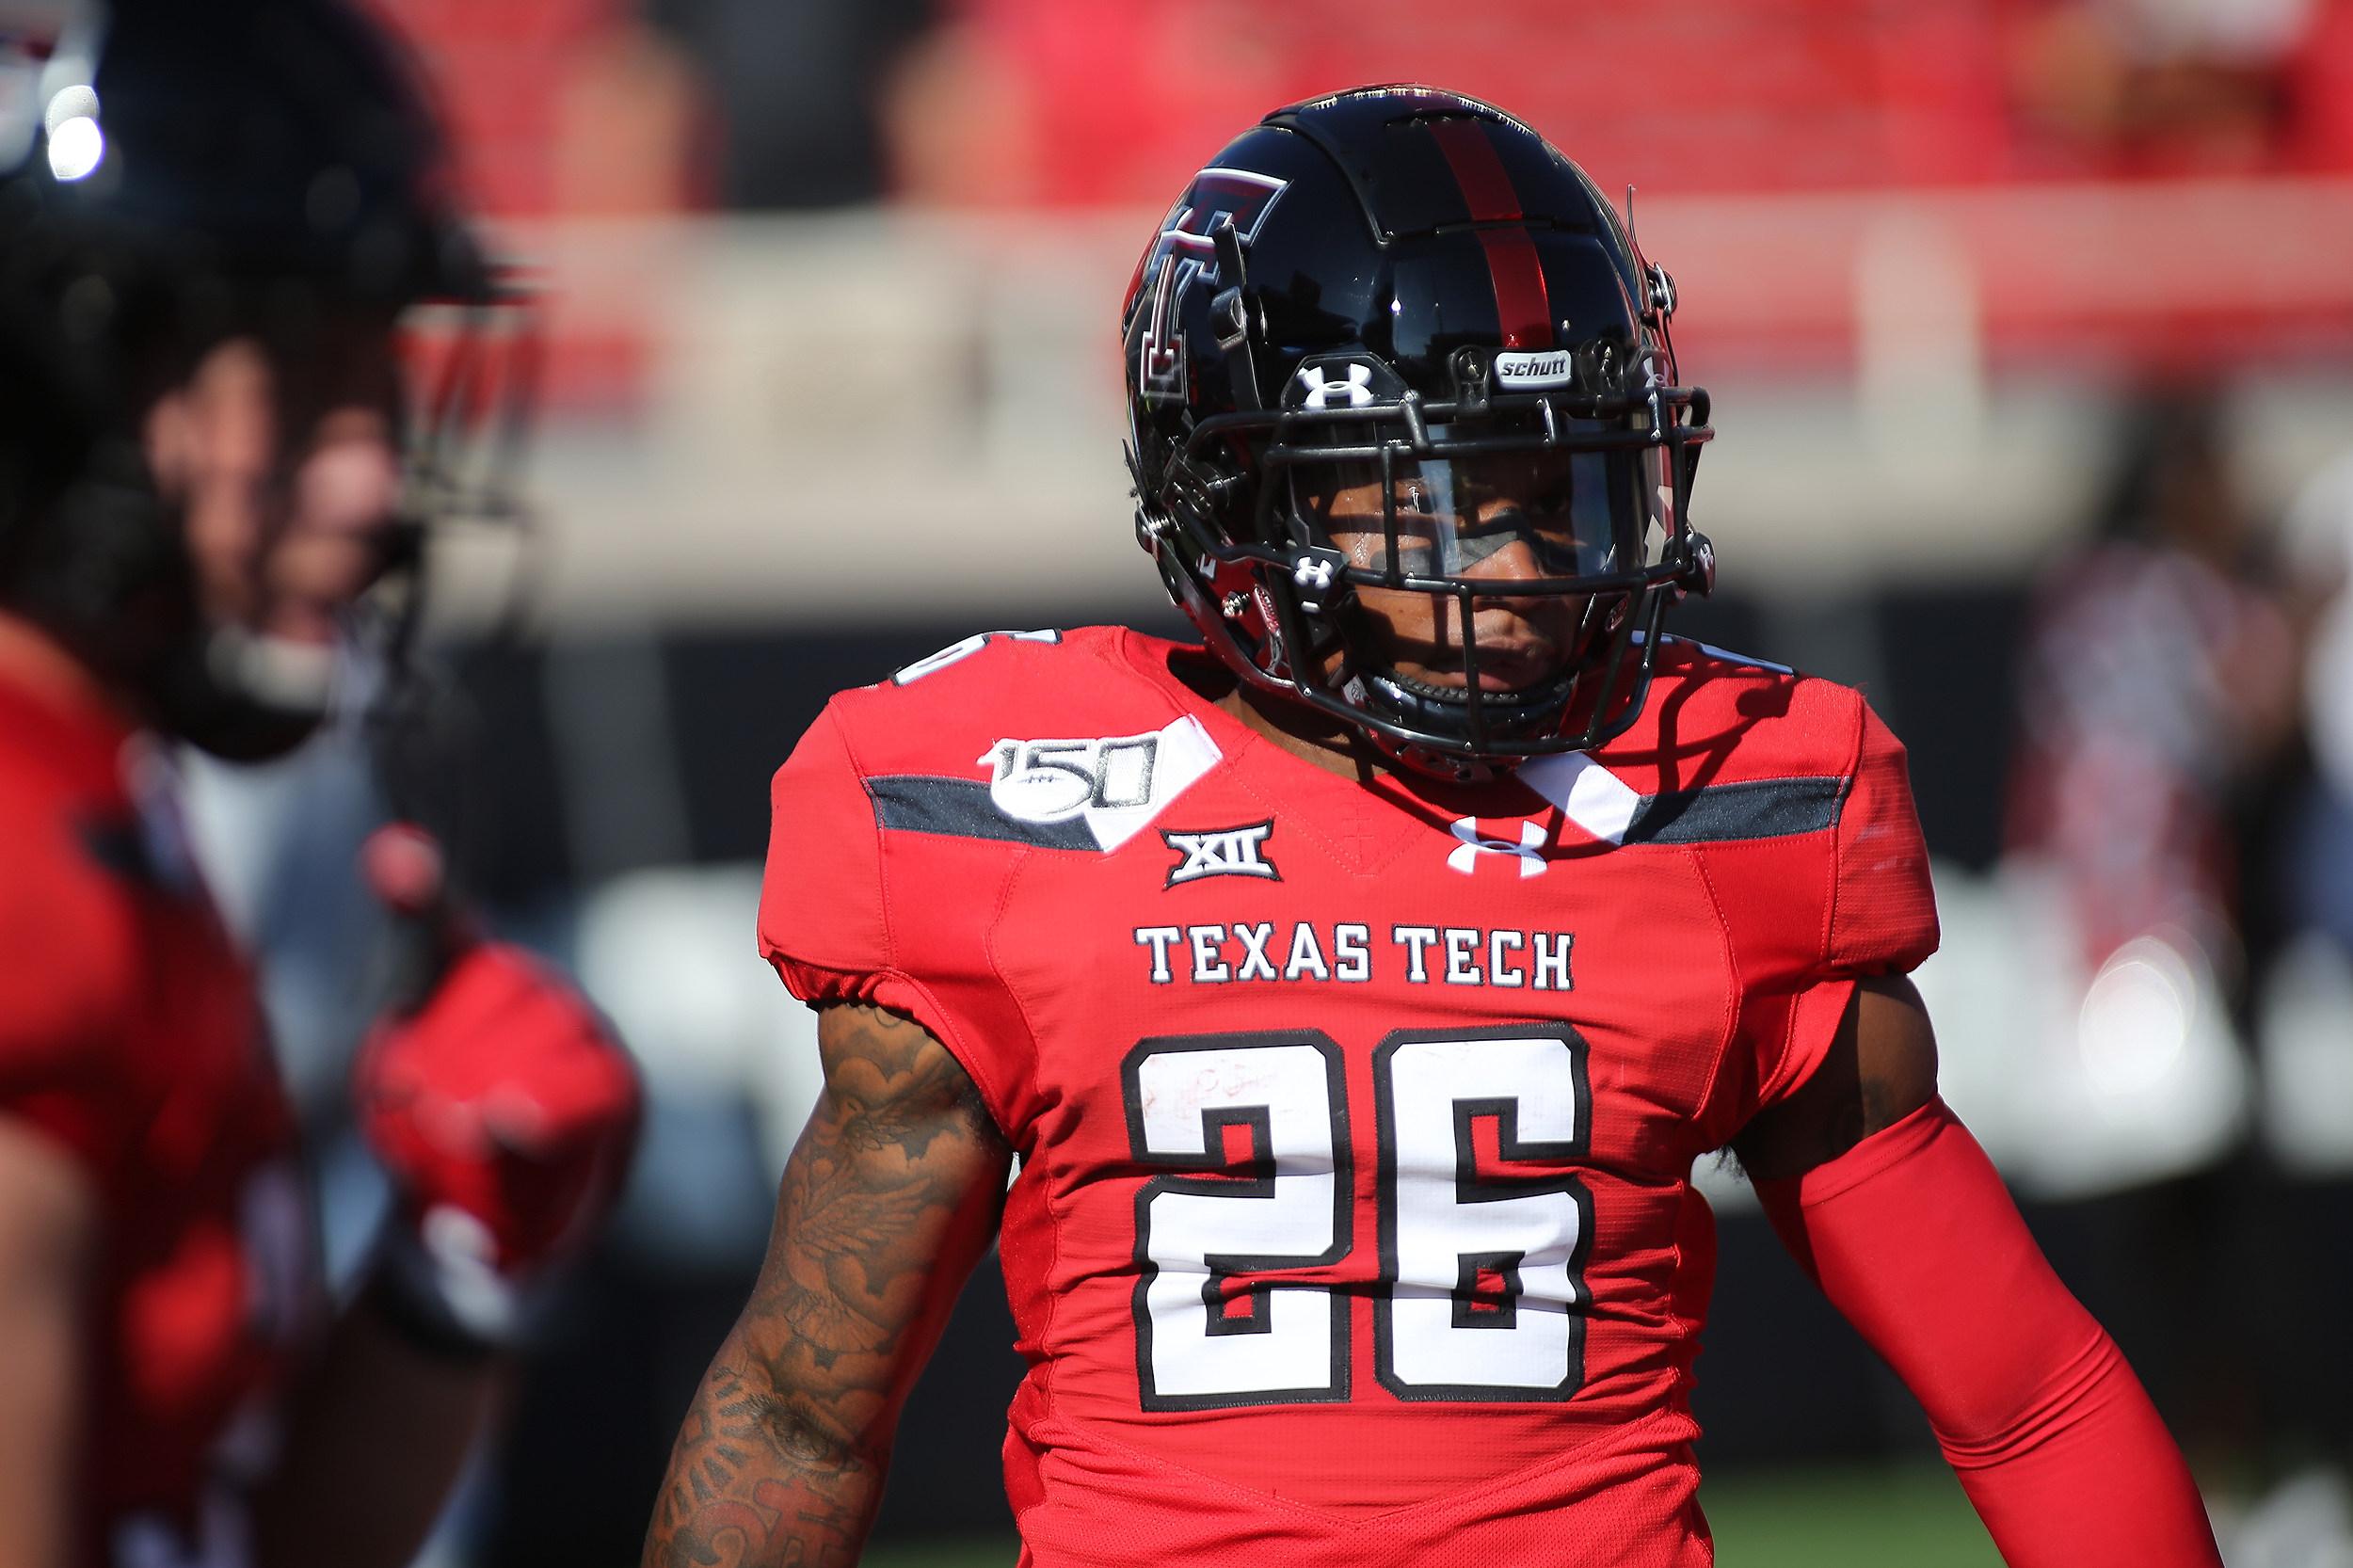 Texas Tech Football Announces 2020 Schedule